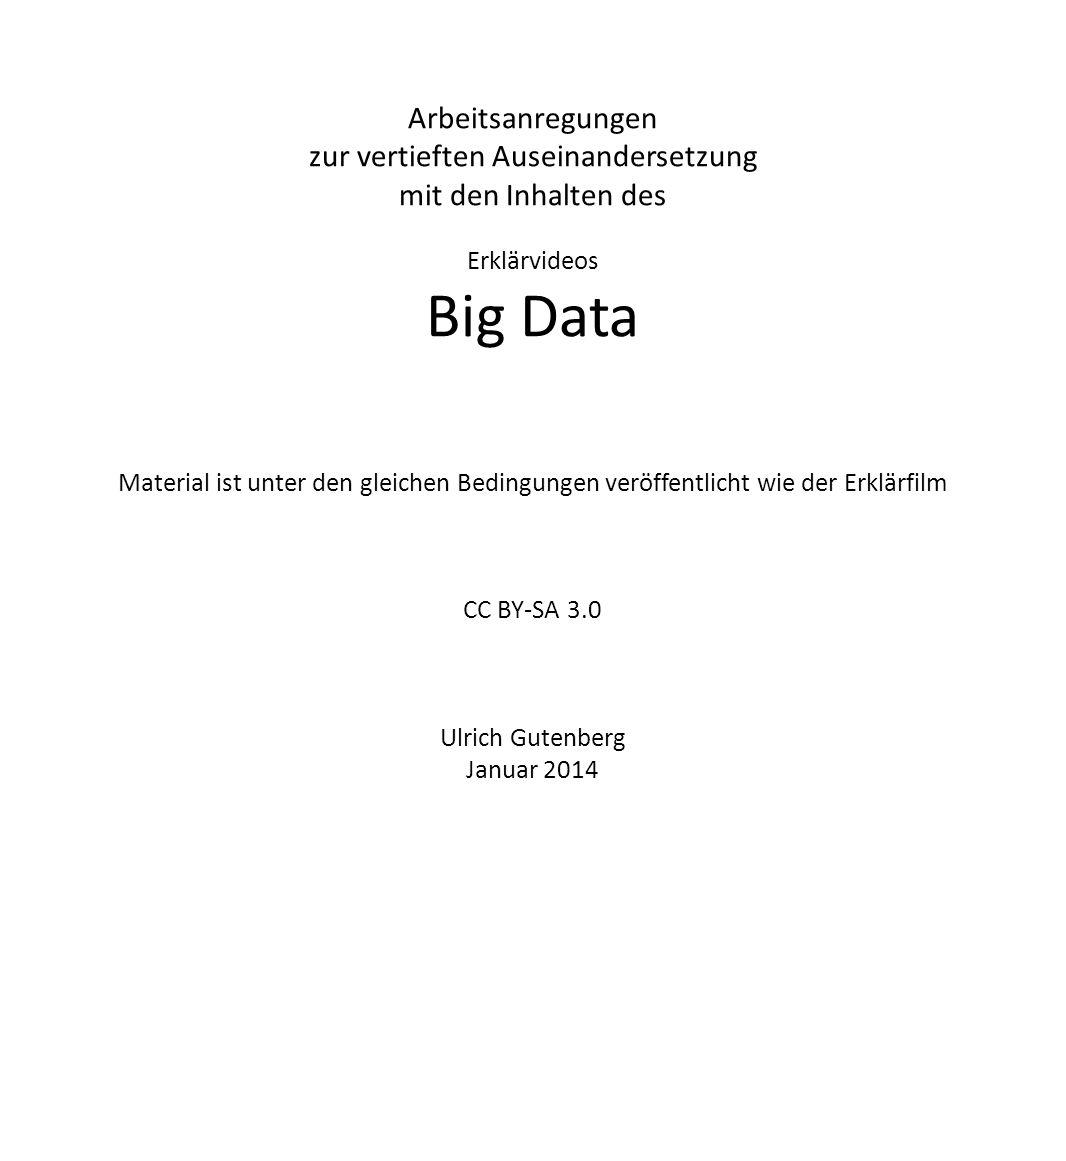 Arbeitsanregungen zur vertieften Auseinandersetzung mit den Inhalten des Erklärvideos Big Data Material ist unter den gleichen Bedingungen veröffentlicht wie der Erklärfilm CC BY-SA 3.0 Ulrich Gutenberg Januar 2014